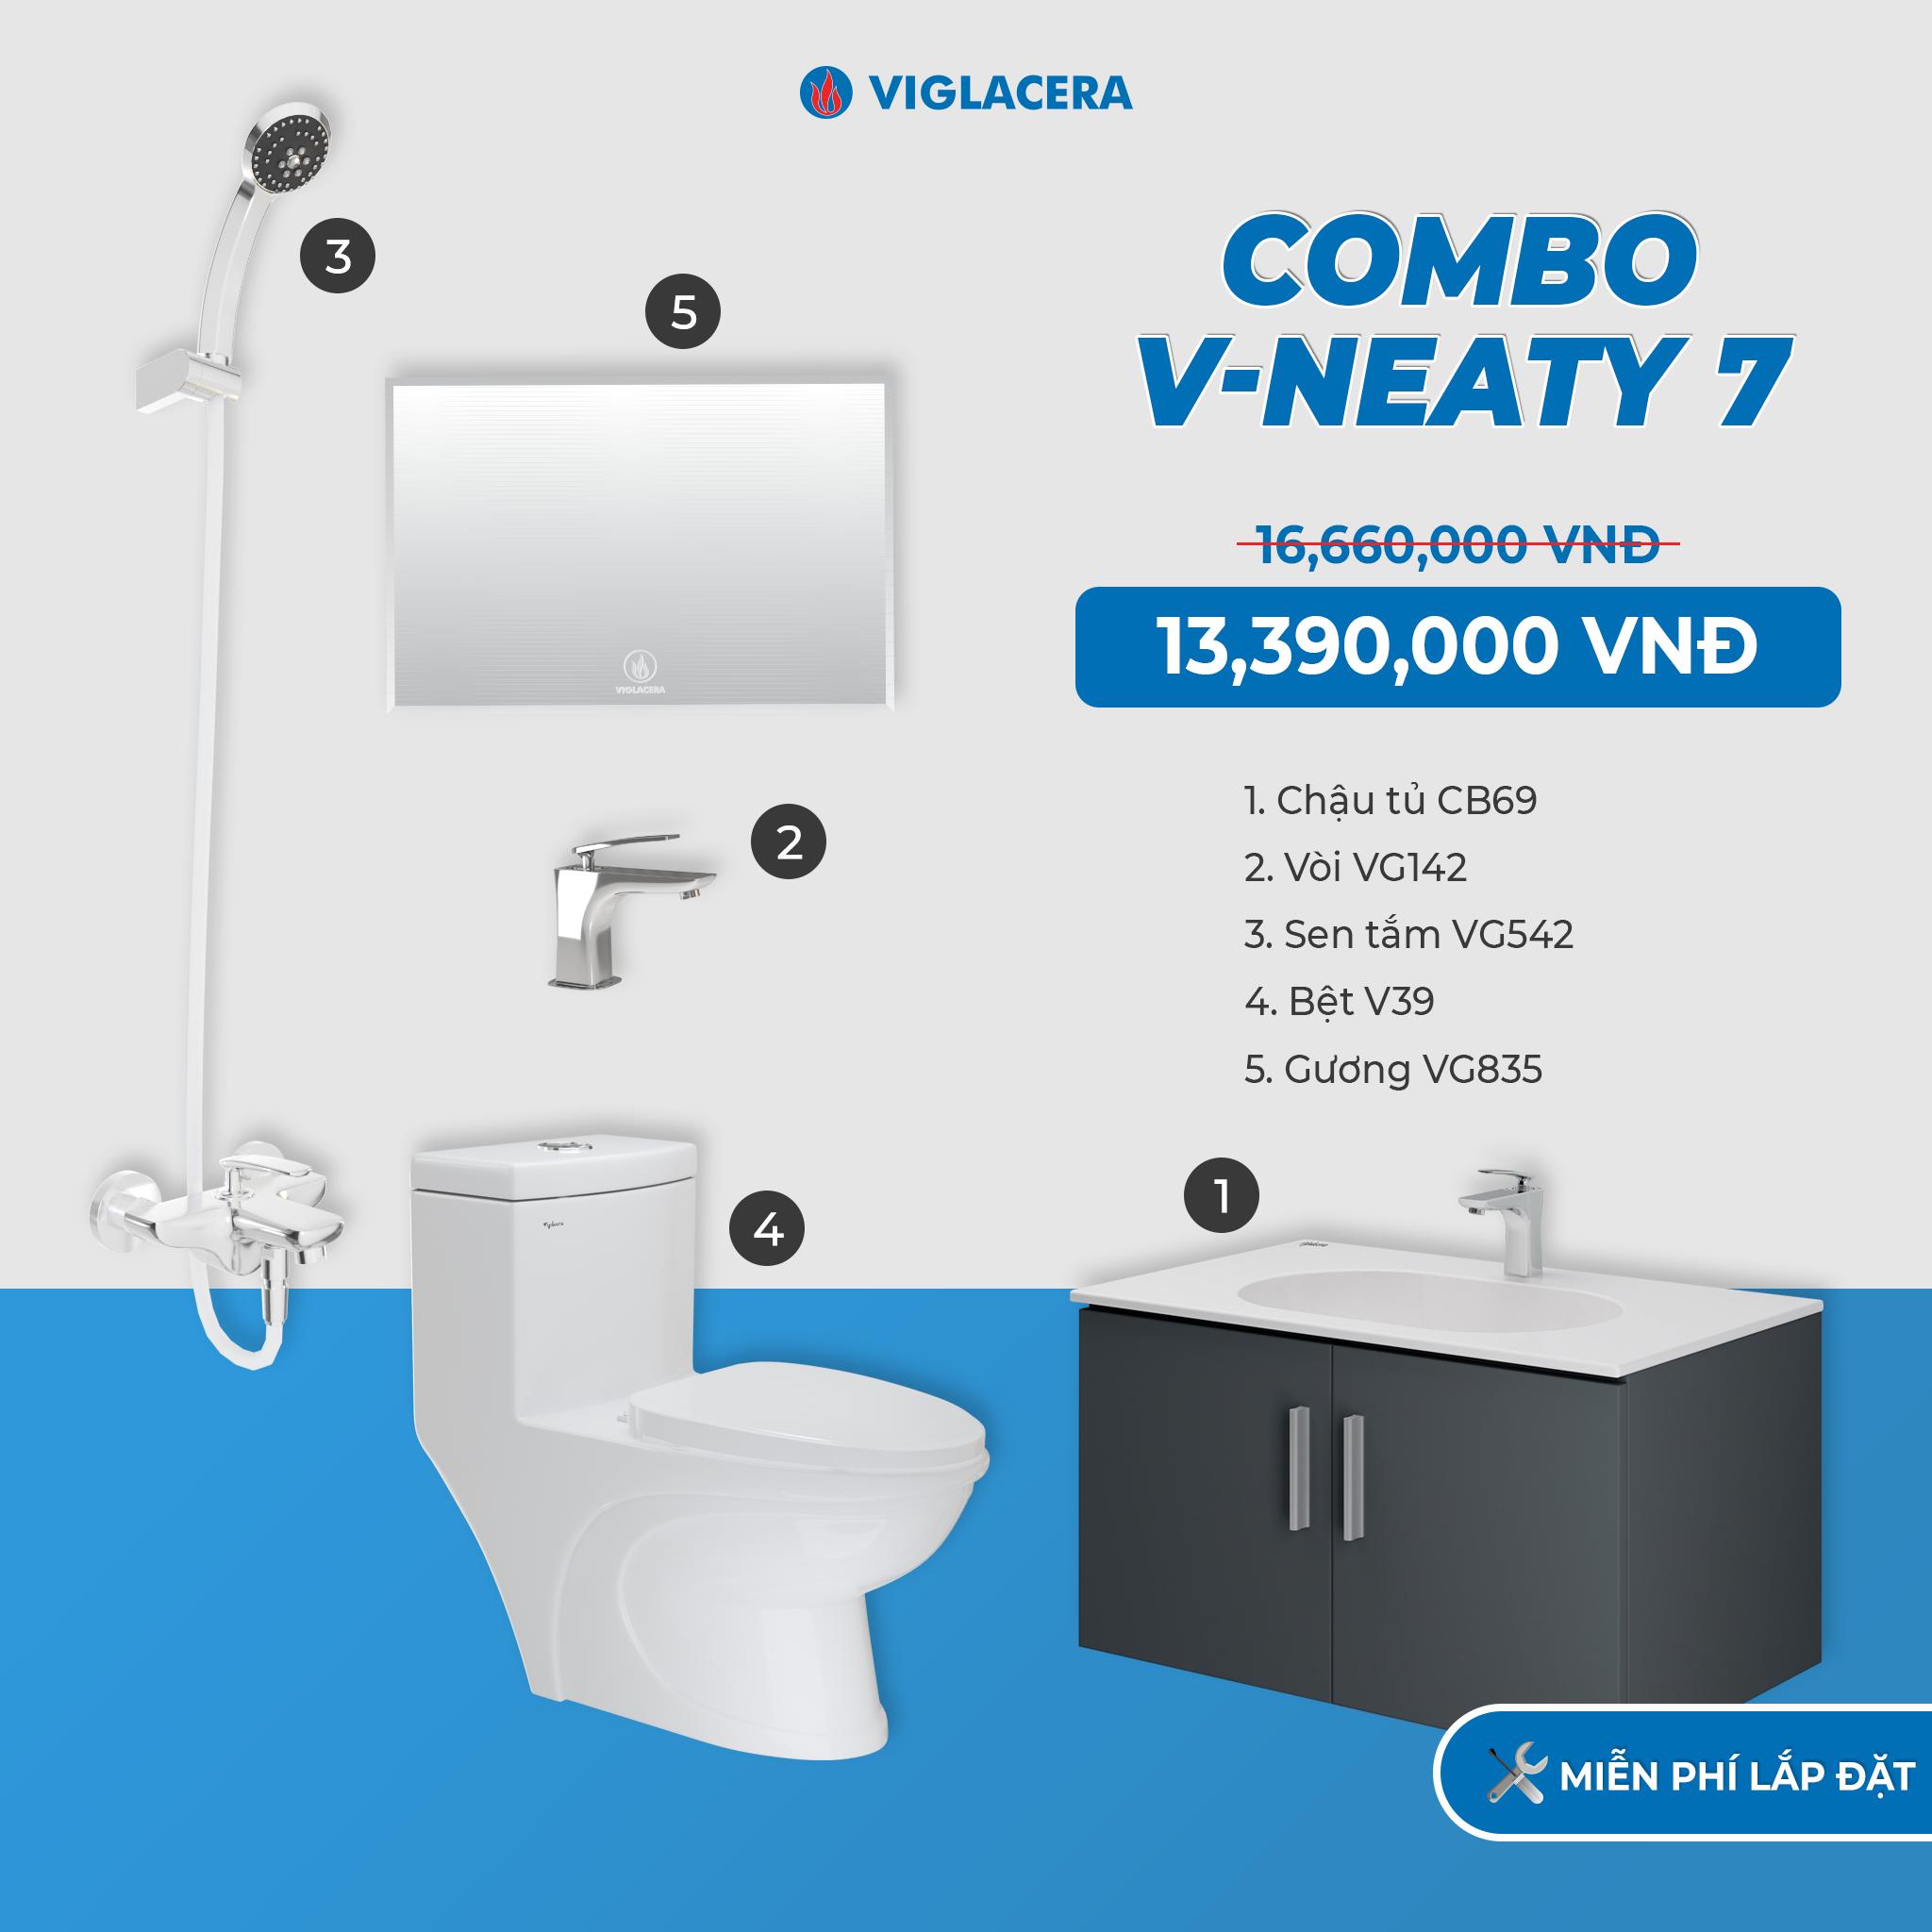 Combo V-NEATY 7